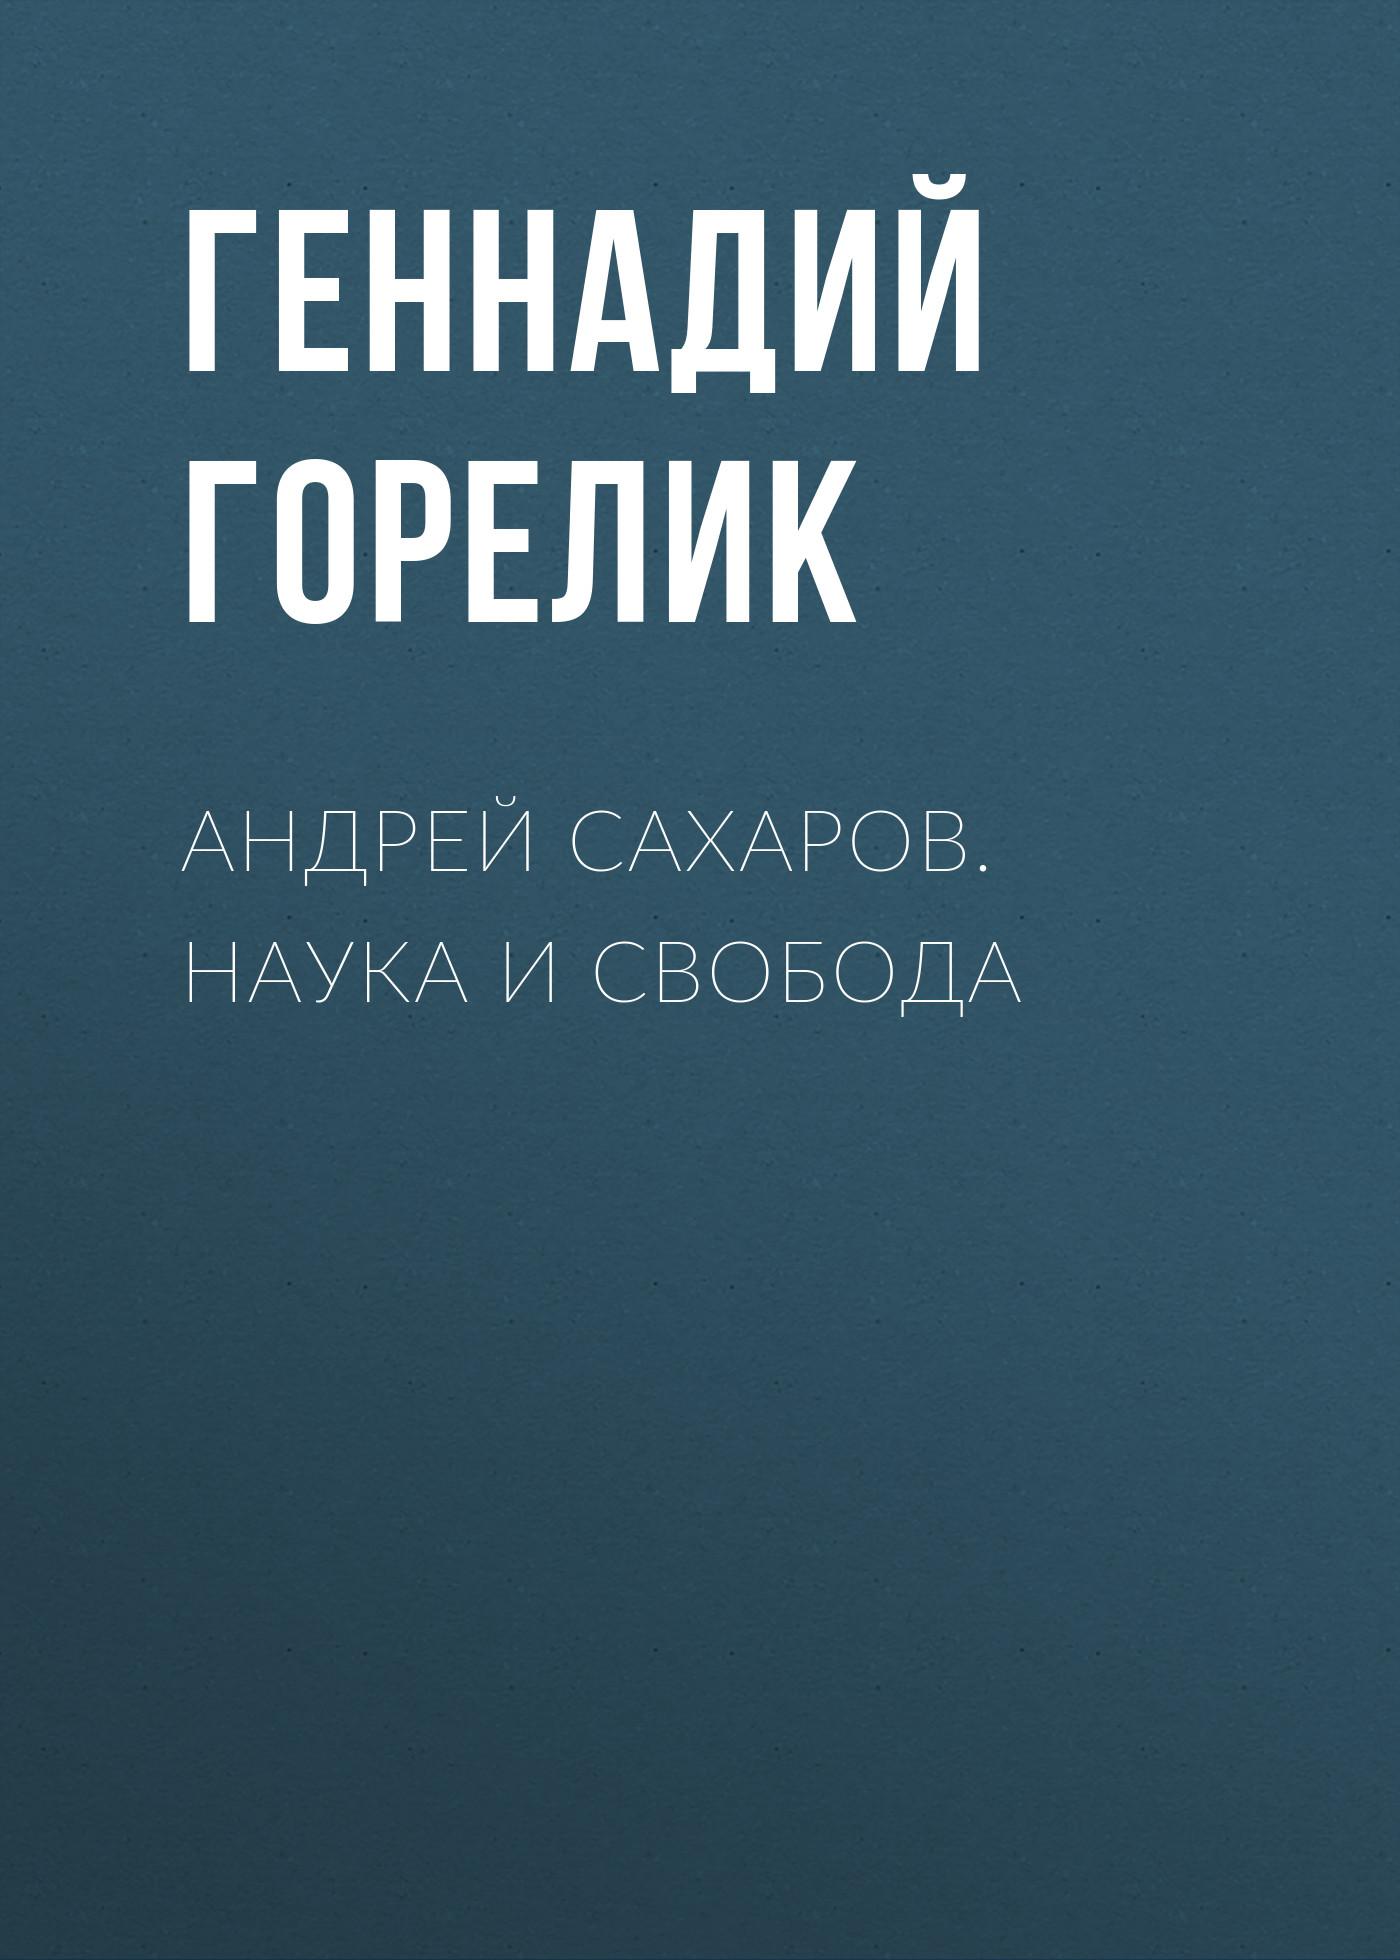 Геннадий Горелик «Андрей Сахаров. Наука и Свобода»